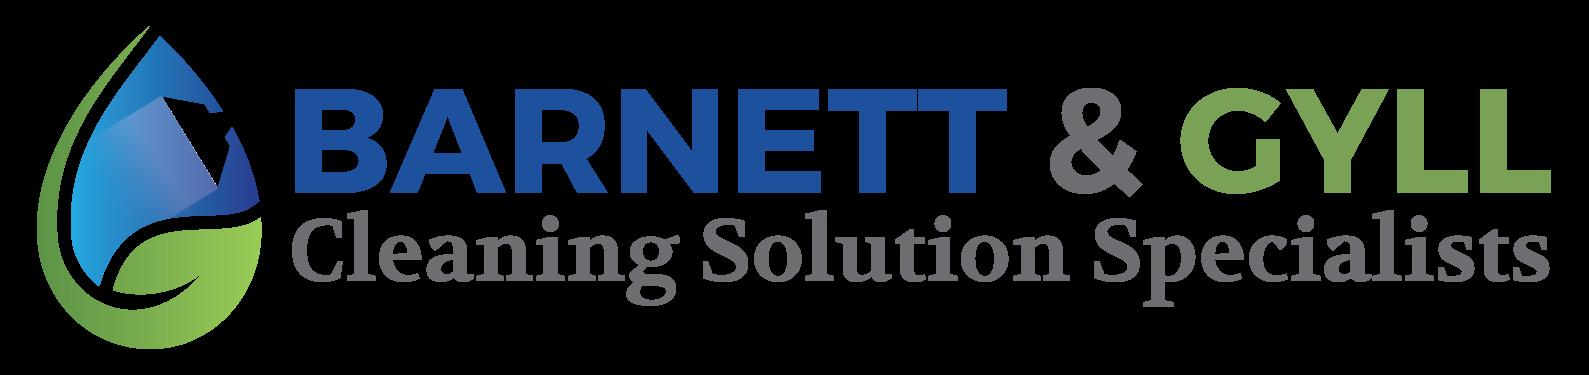 Barnett & Gyll logo